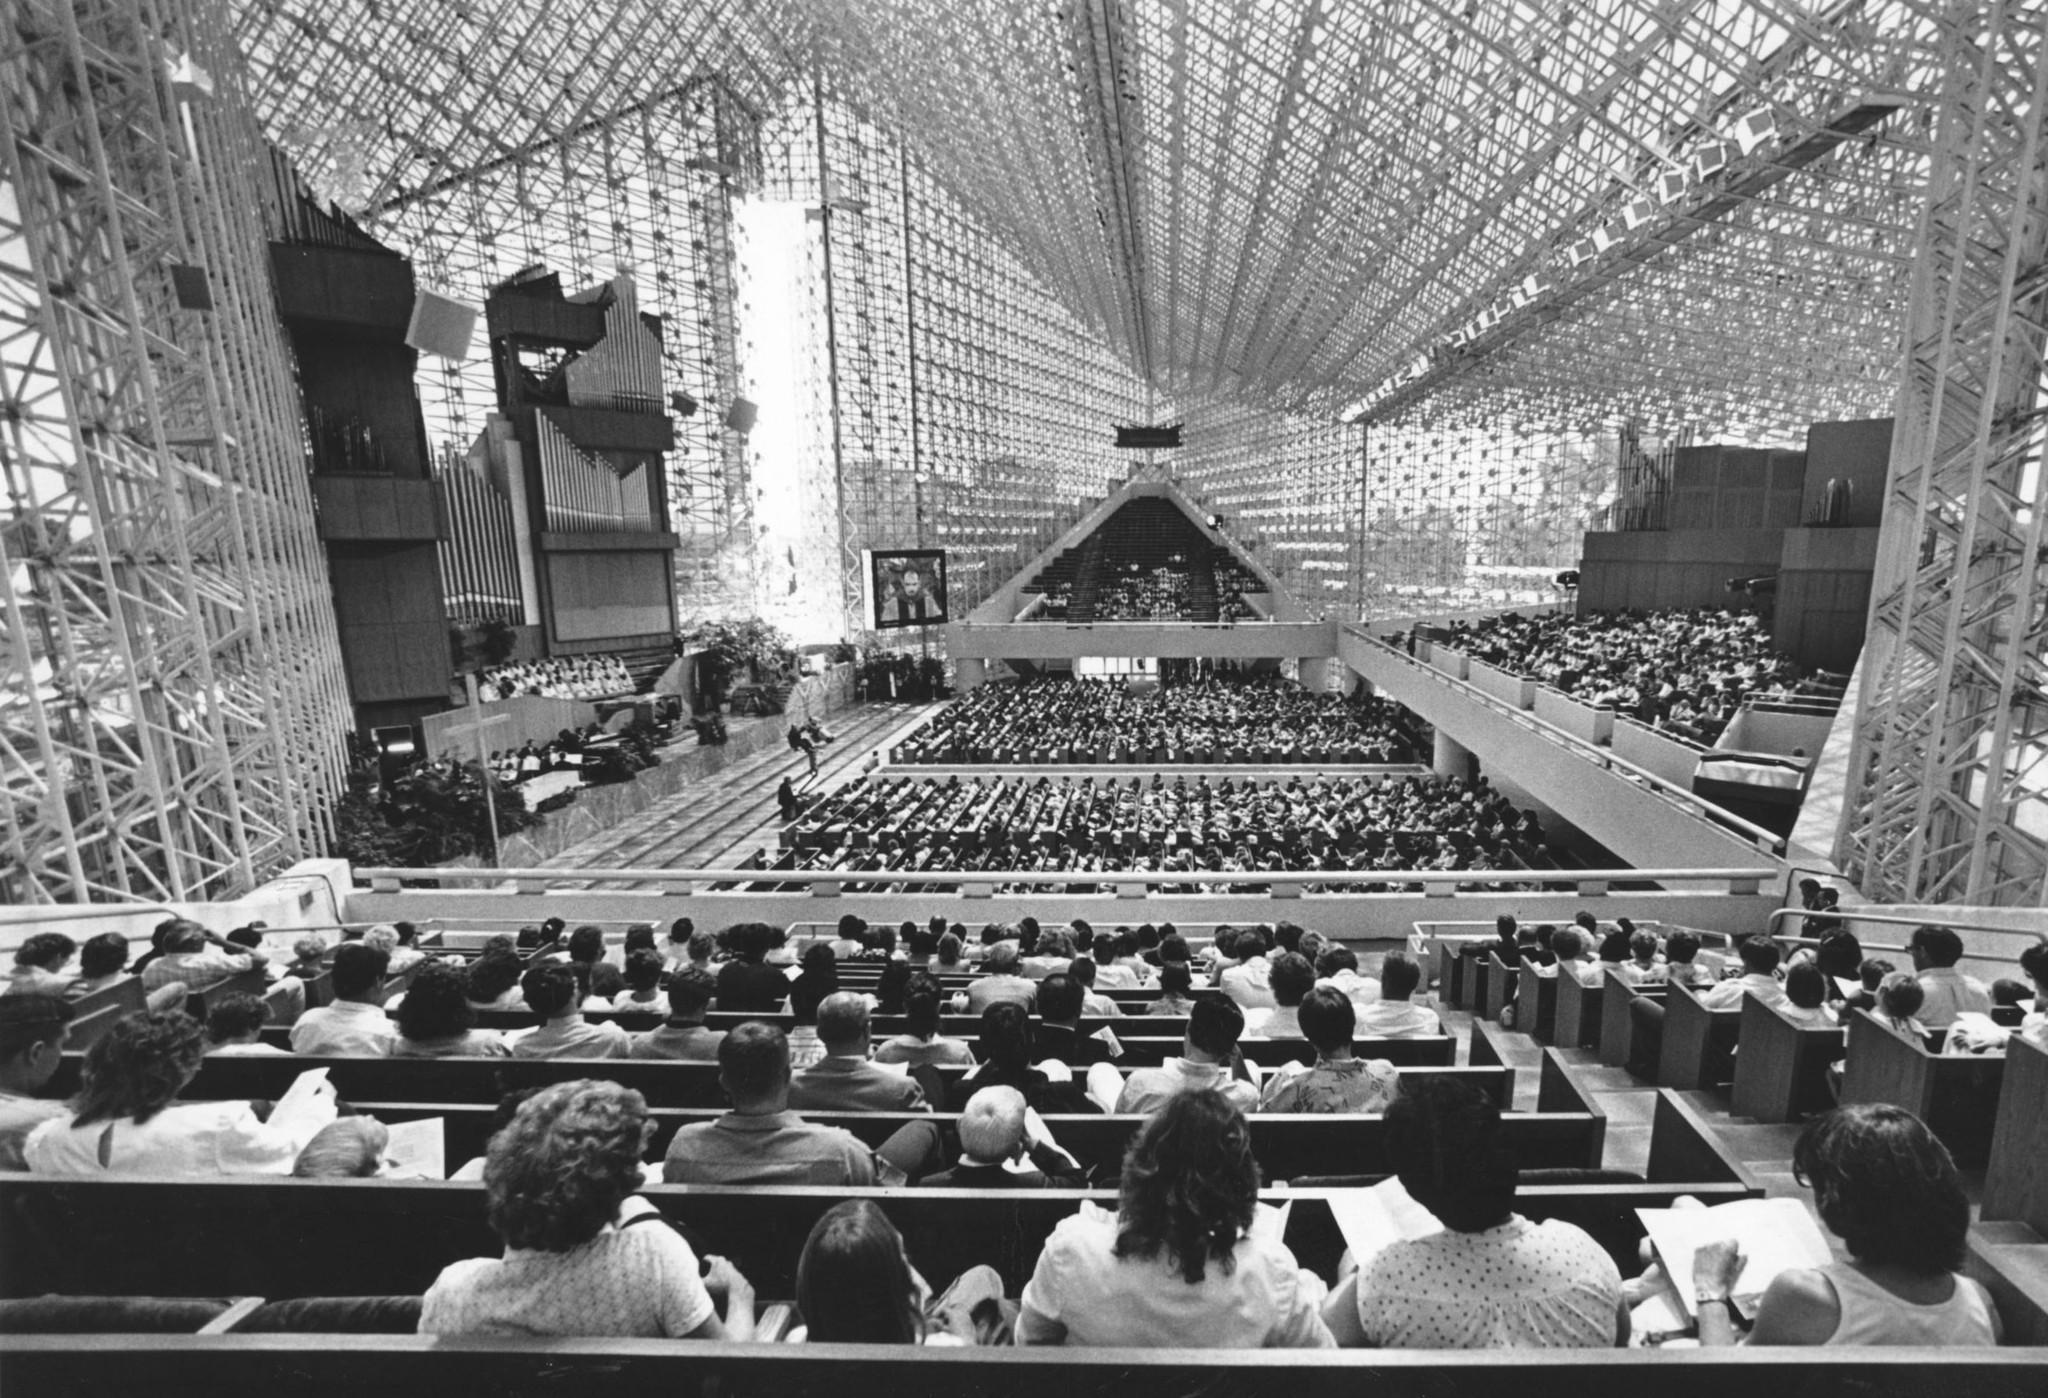 Modernist Architecture robert schuller: a patron of modernist architecture - la times